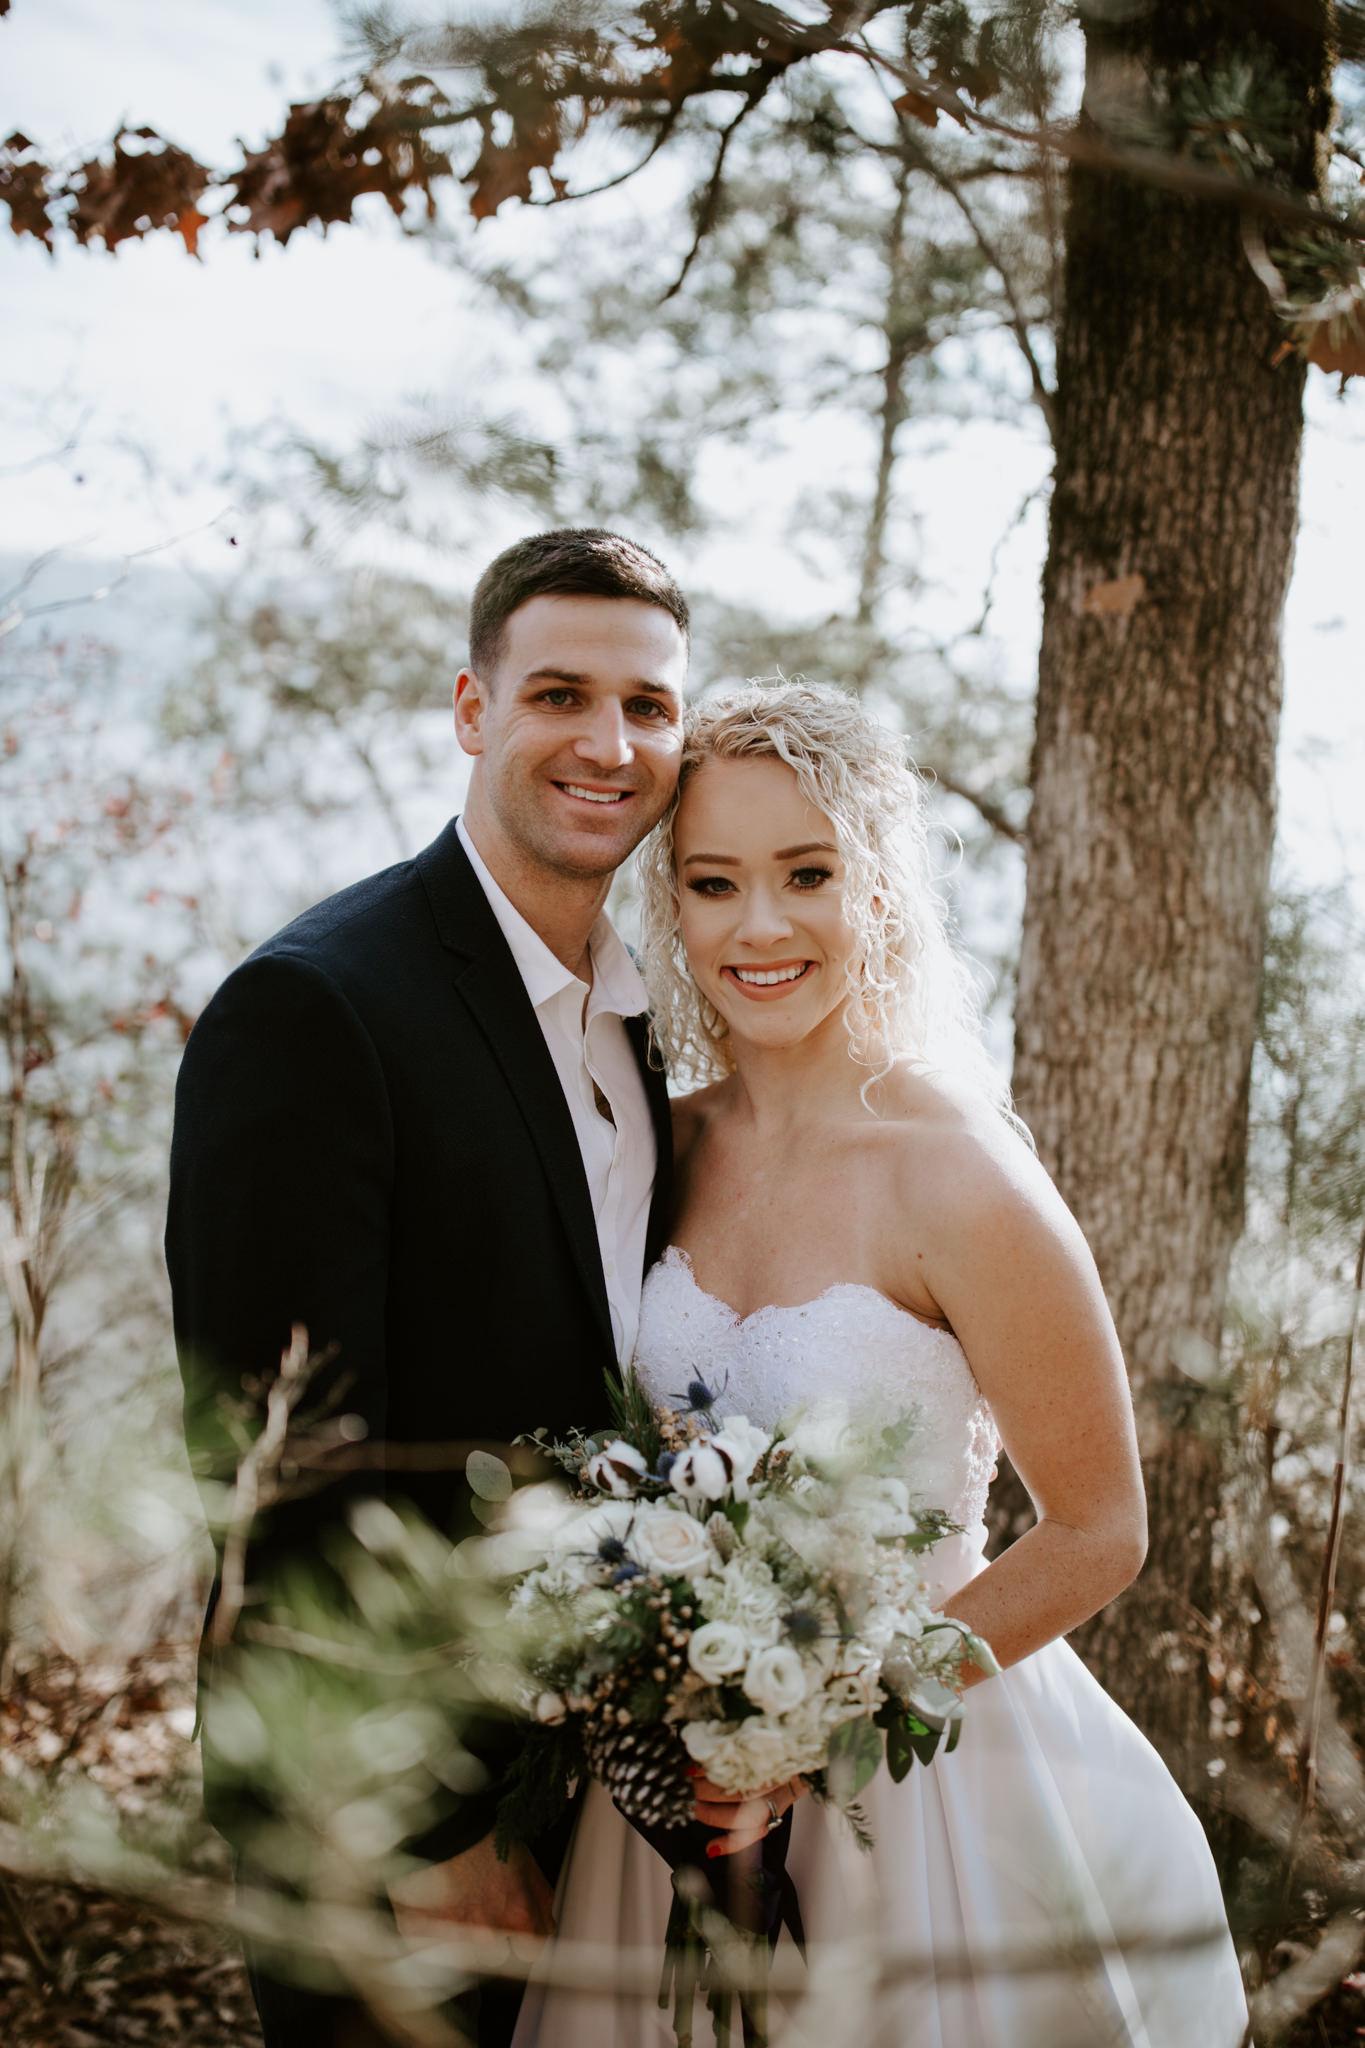 Lauren-and-Trent-Chattanooga-Nashville-Wedding-Elopement-Photographer-8.jpg